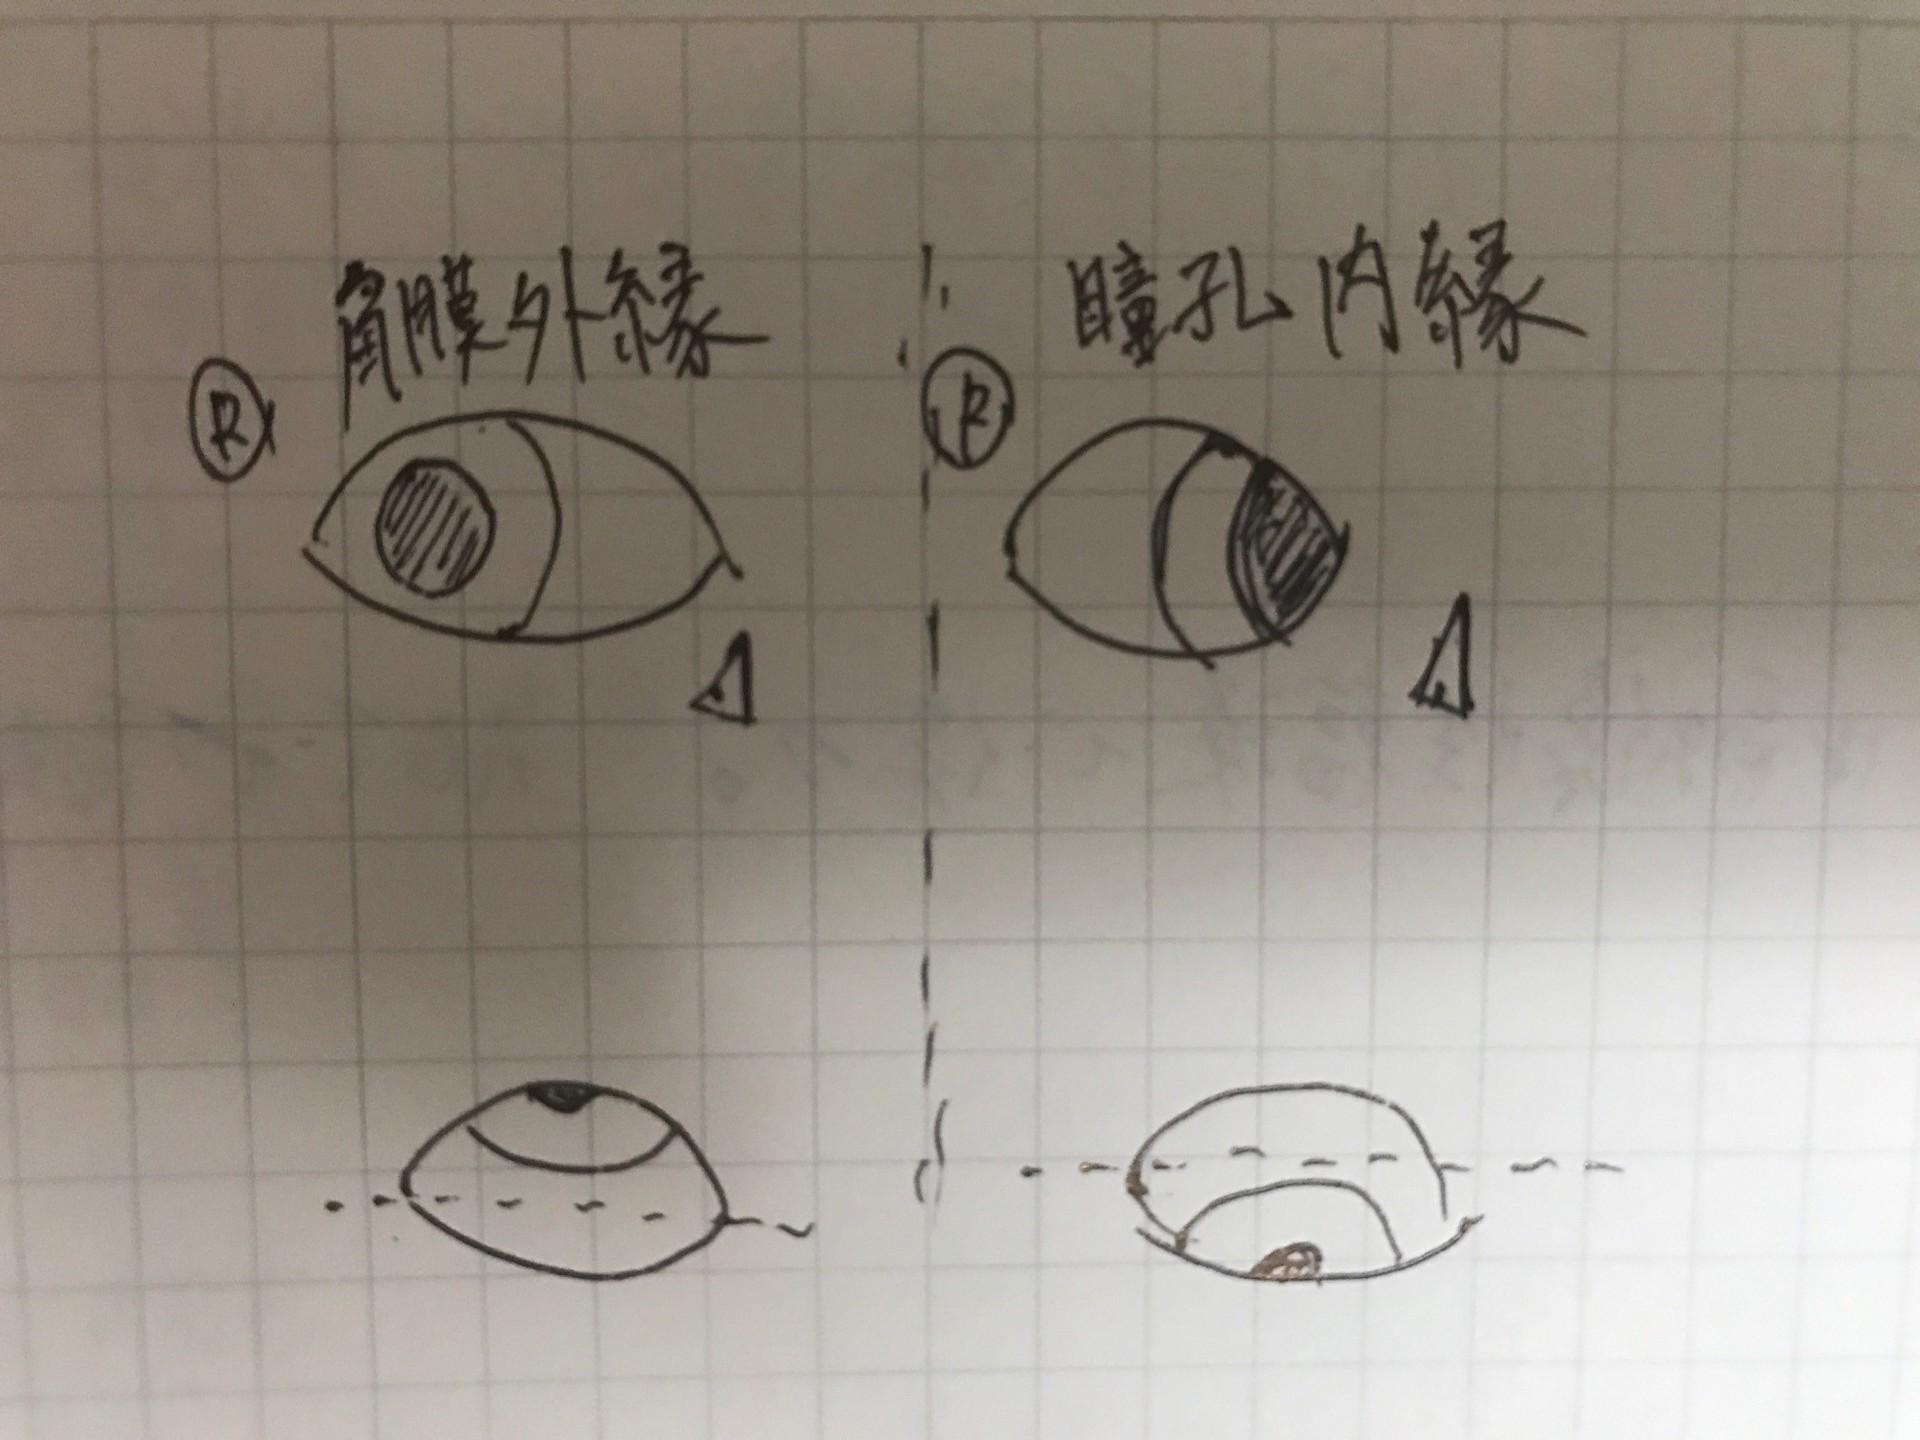 正常 値 瞳孔